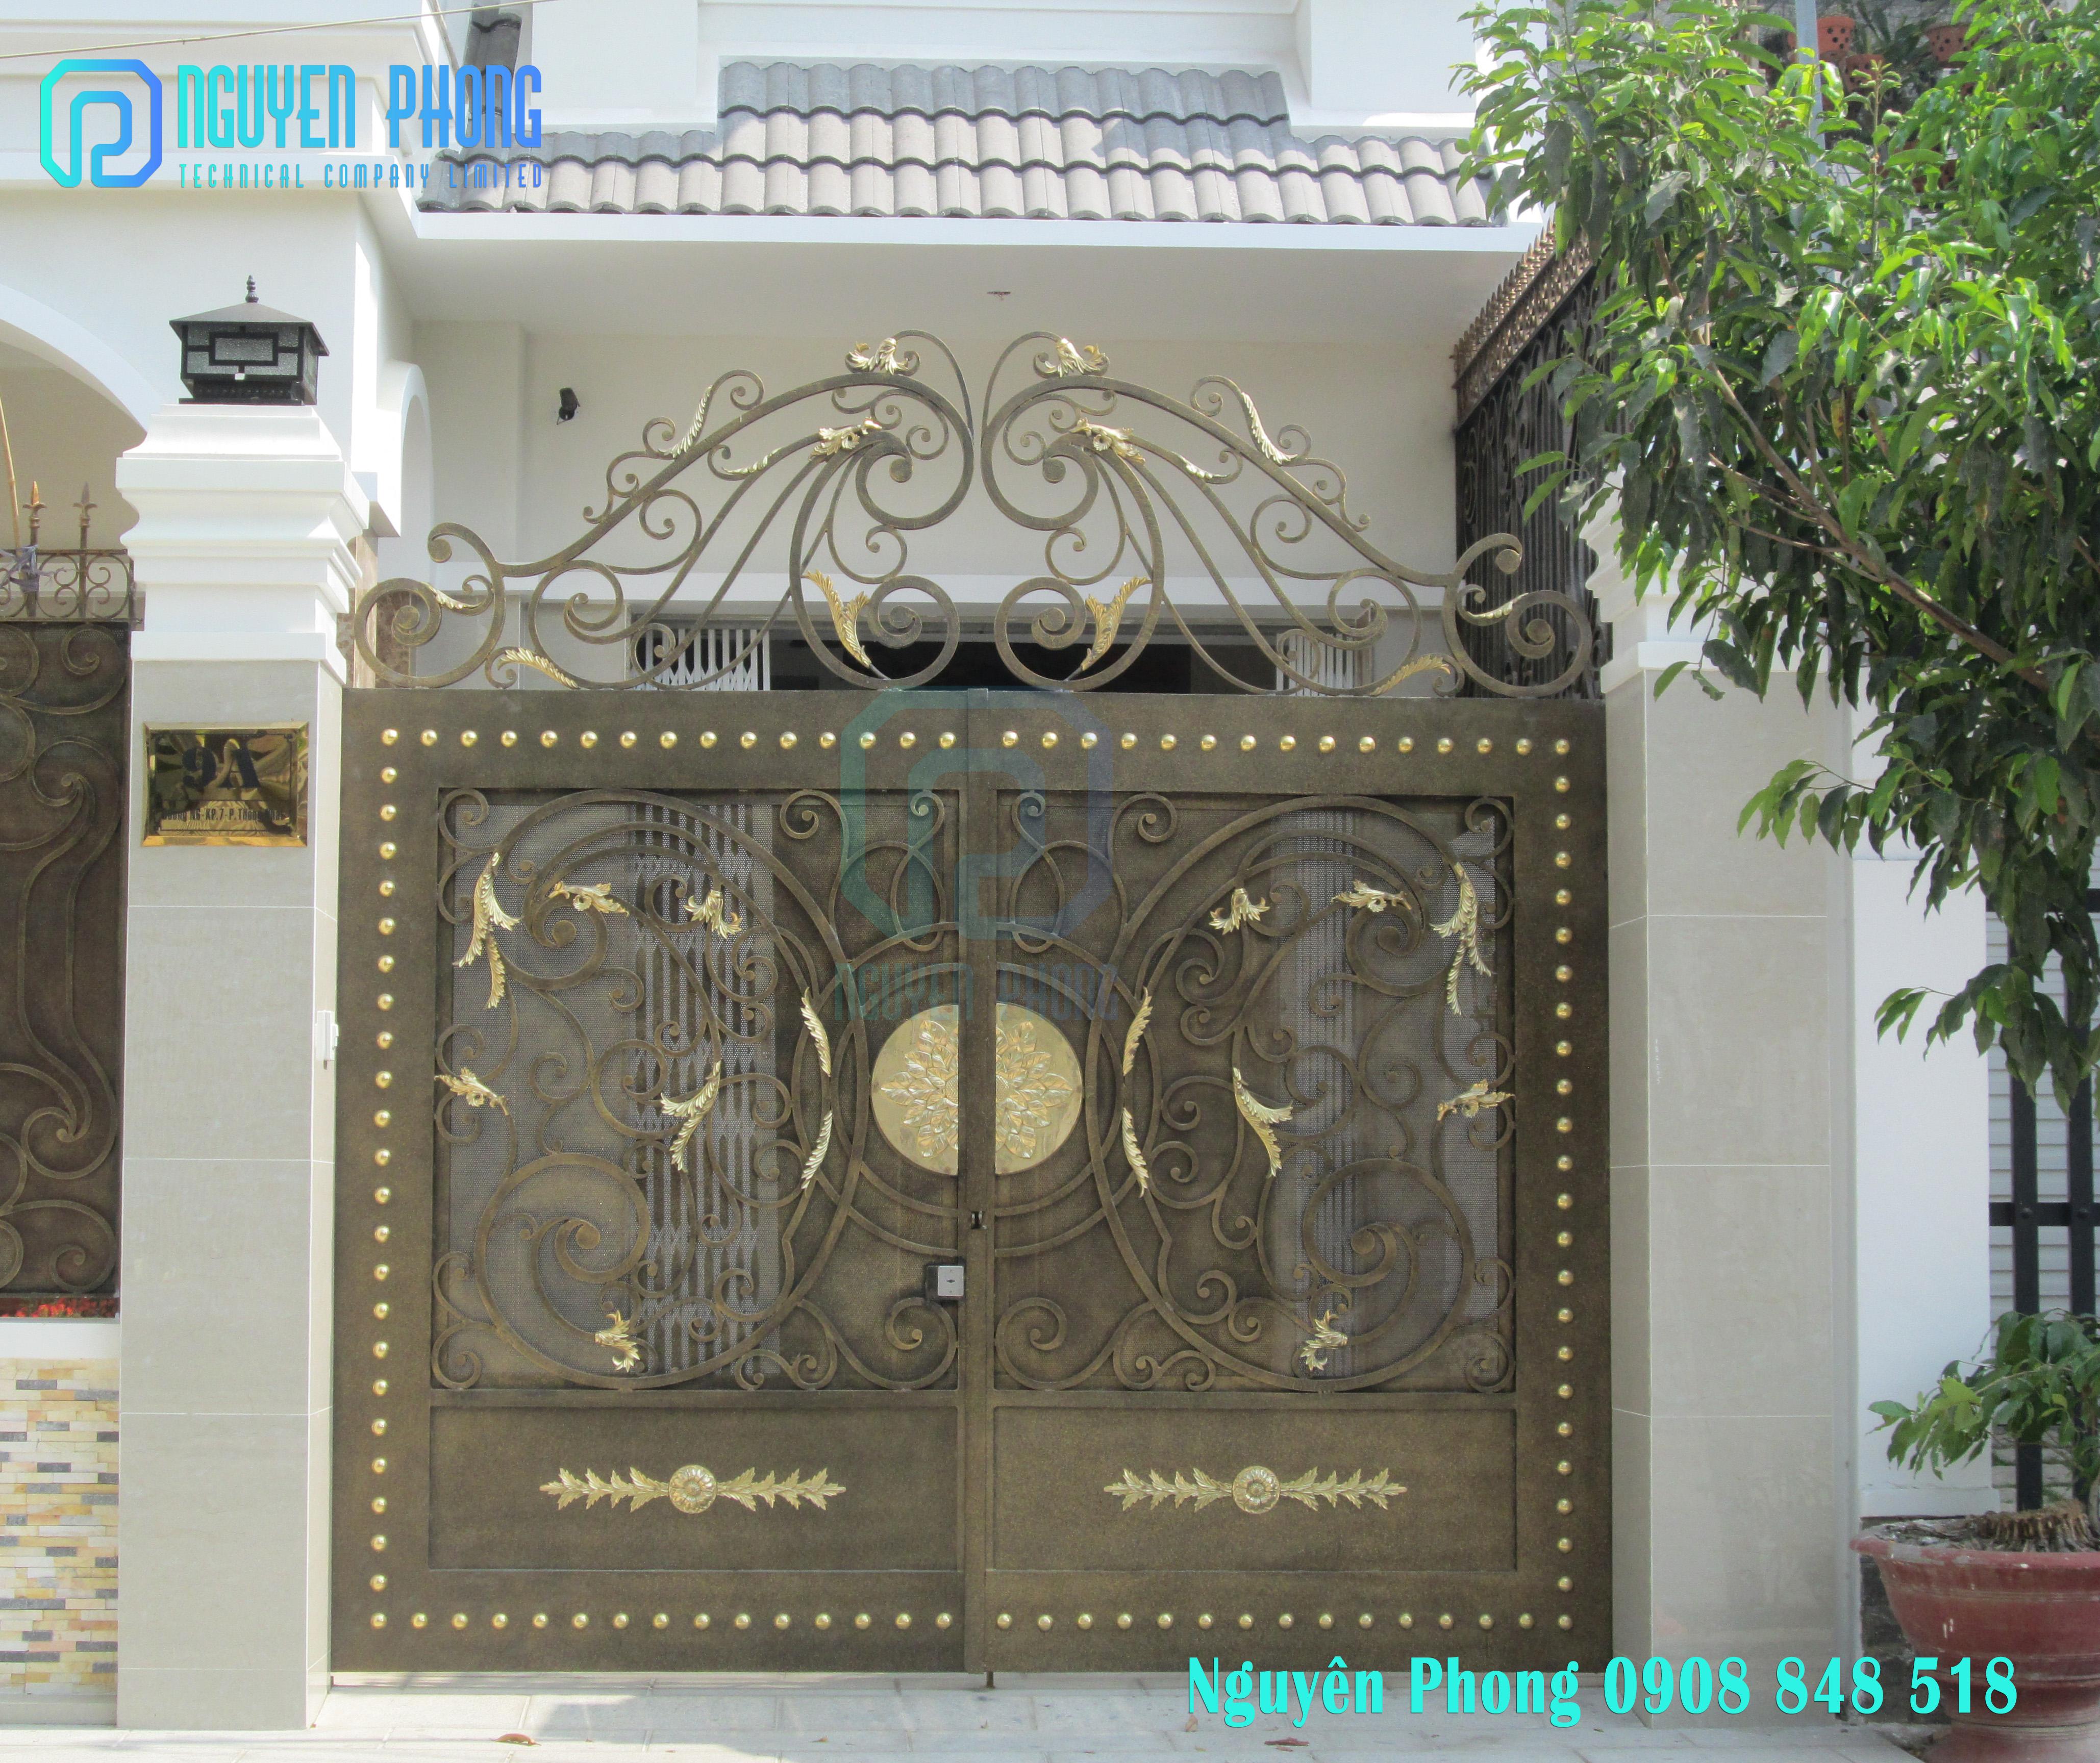 Chuyên thiết kế, gia công, cổng sắt uốn mỹ thuật cho villa, biệt thự cao cấp 2019